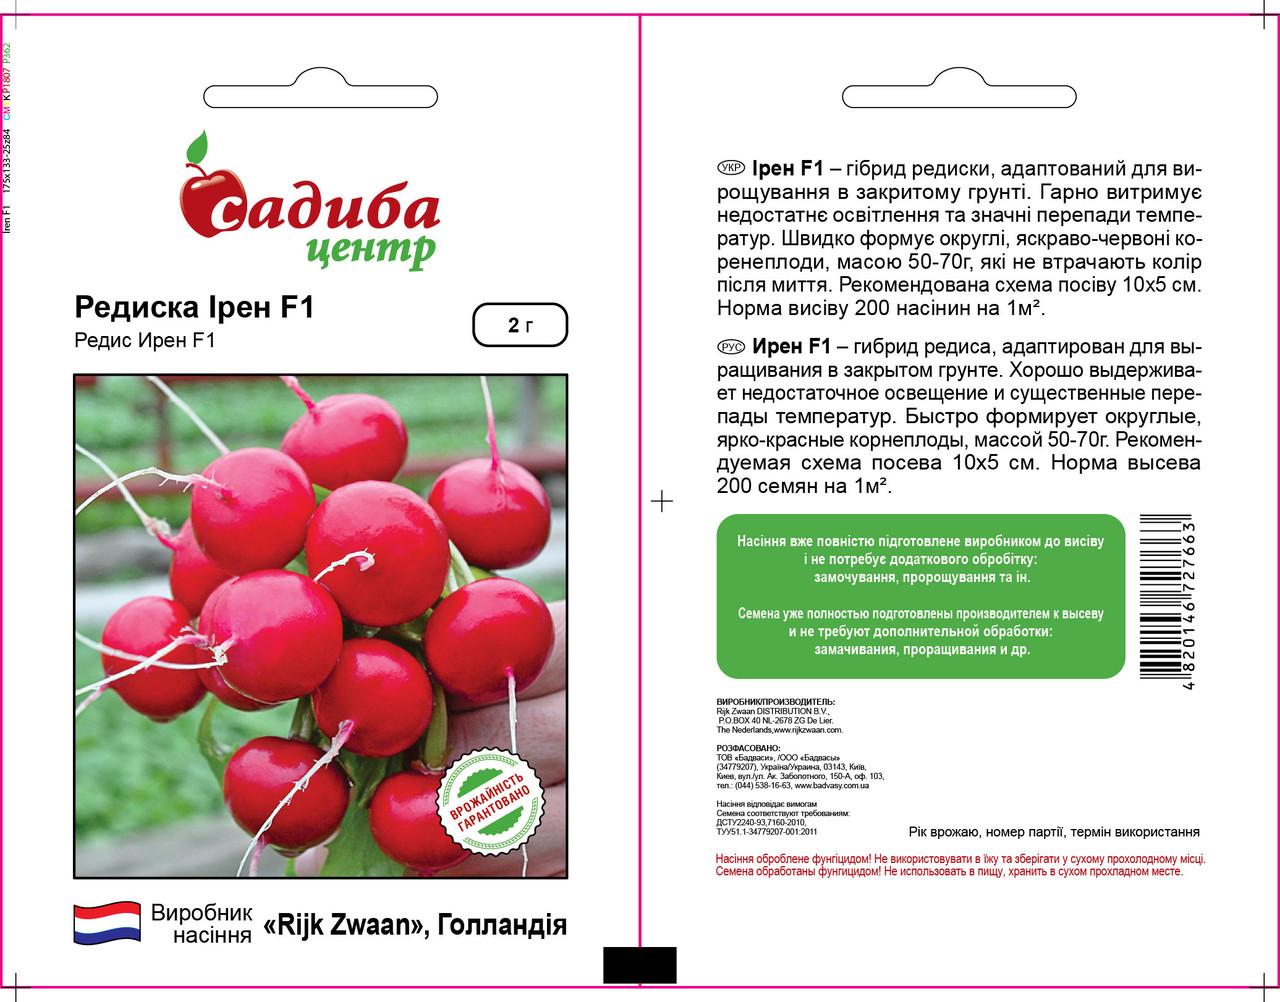 Семена редиса Ирен F1 (Rijk Zwaan / САДЫБА ЦЕНТР) 2 г — ранний (30 дн), круглый, красный, для закрытого грунта